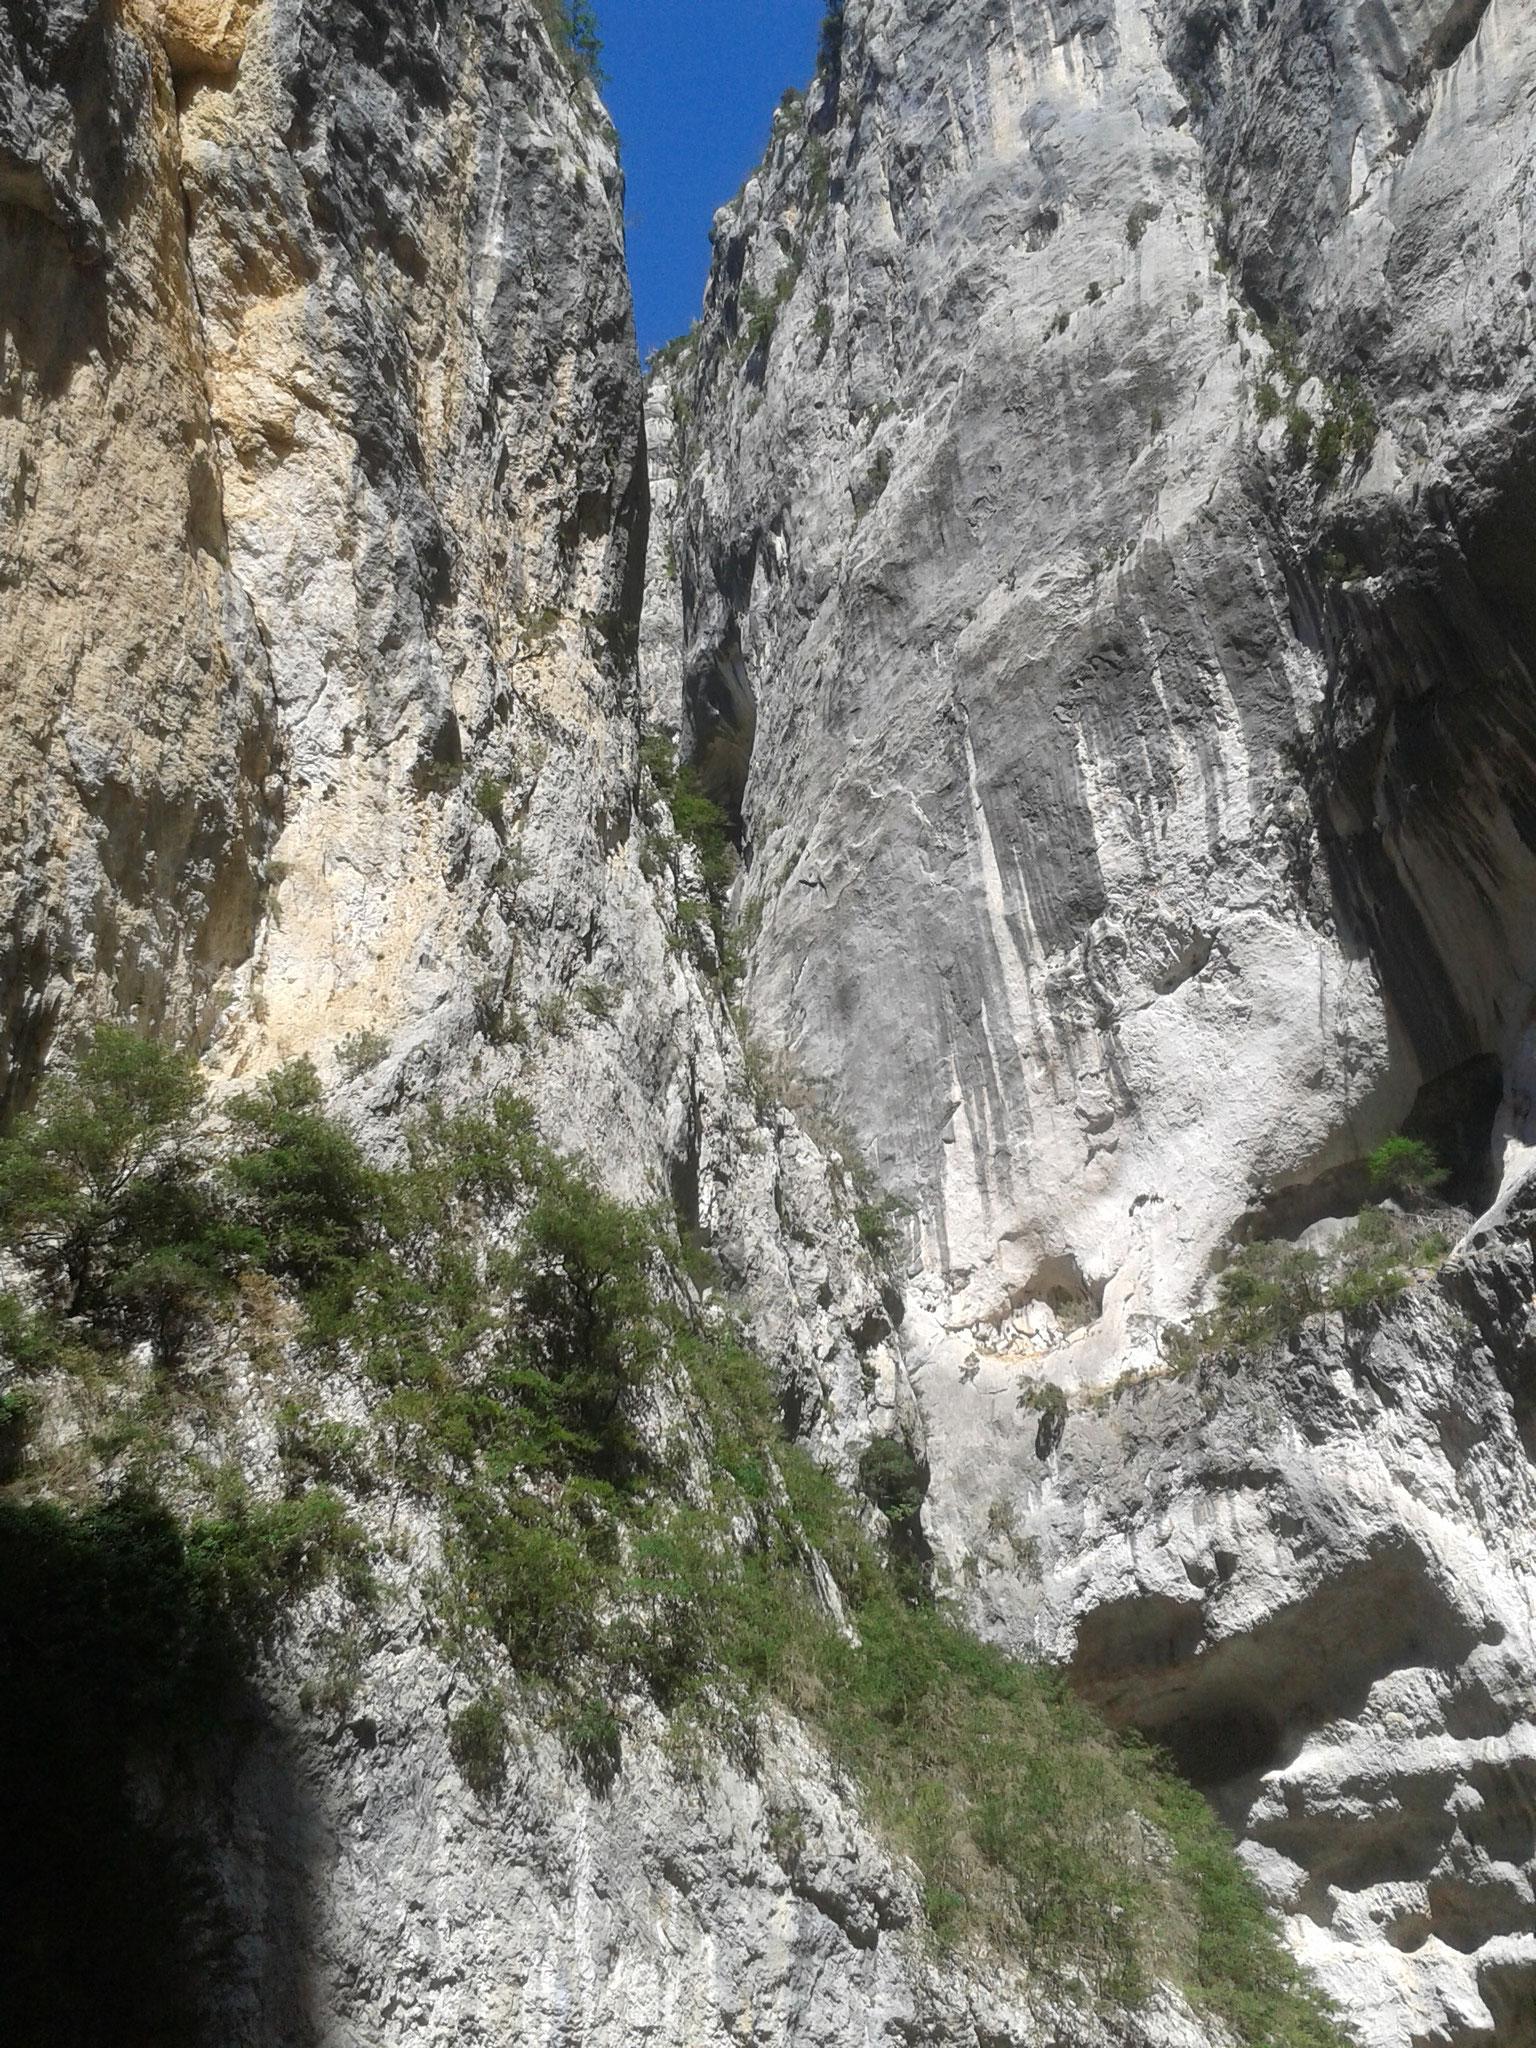 Imbut: engste Stelle der Schlucht und empfehlenswerte Wanderung